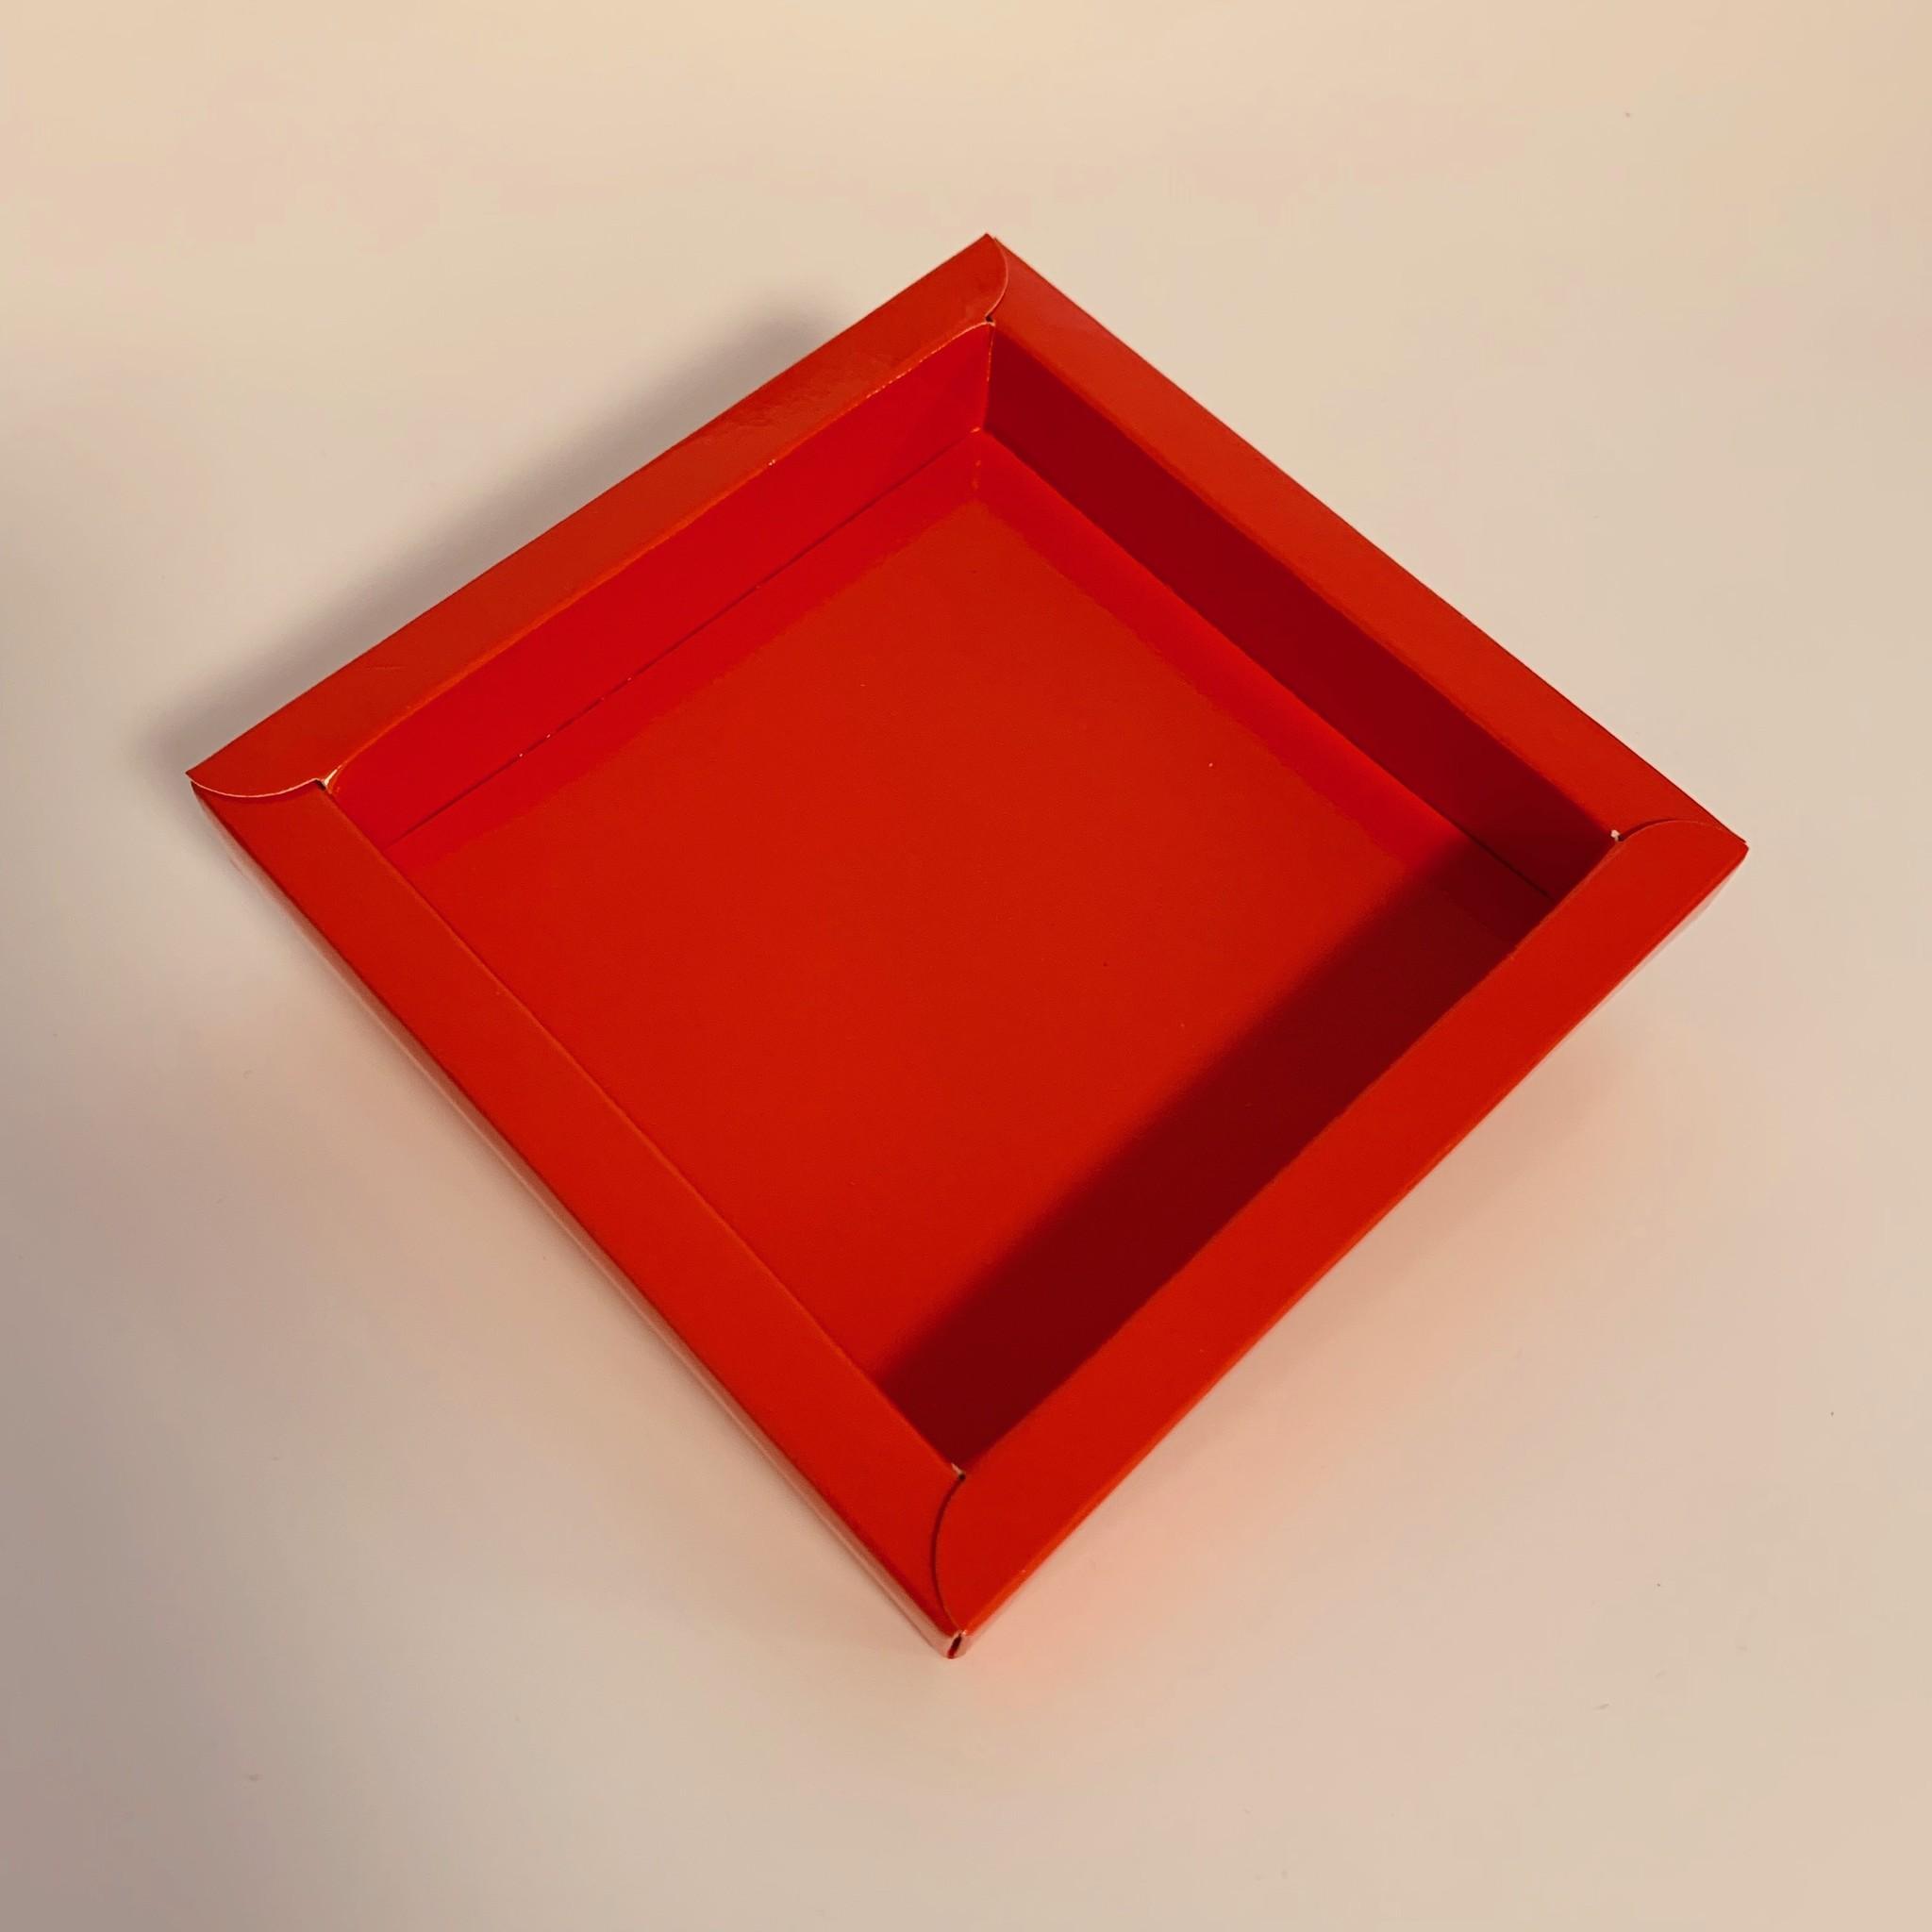 Hollewand verpakking NR.75 inhoud: 75x75x25mm(240stuks)